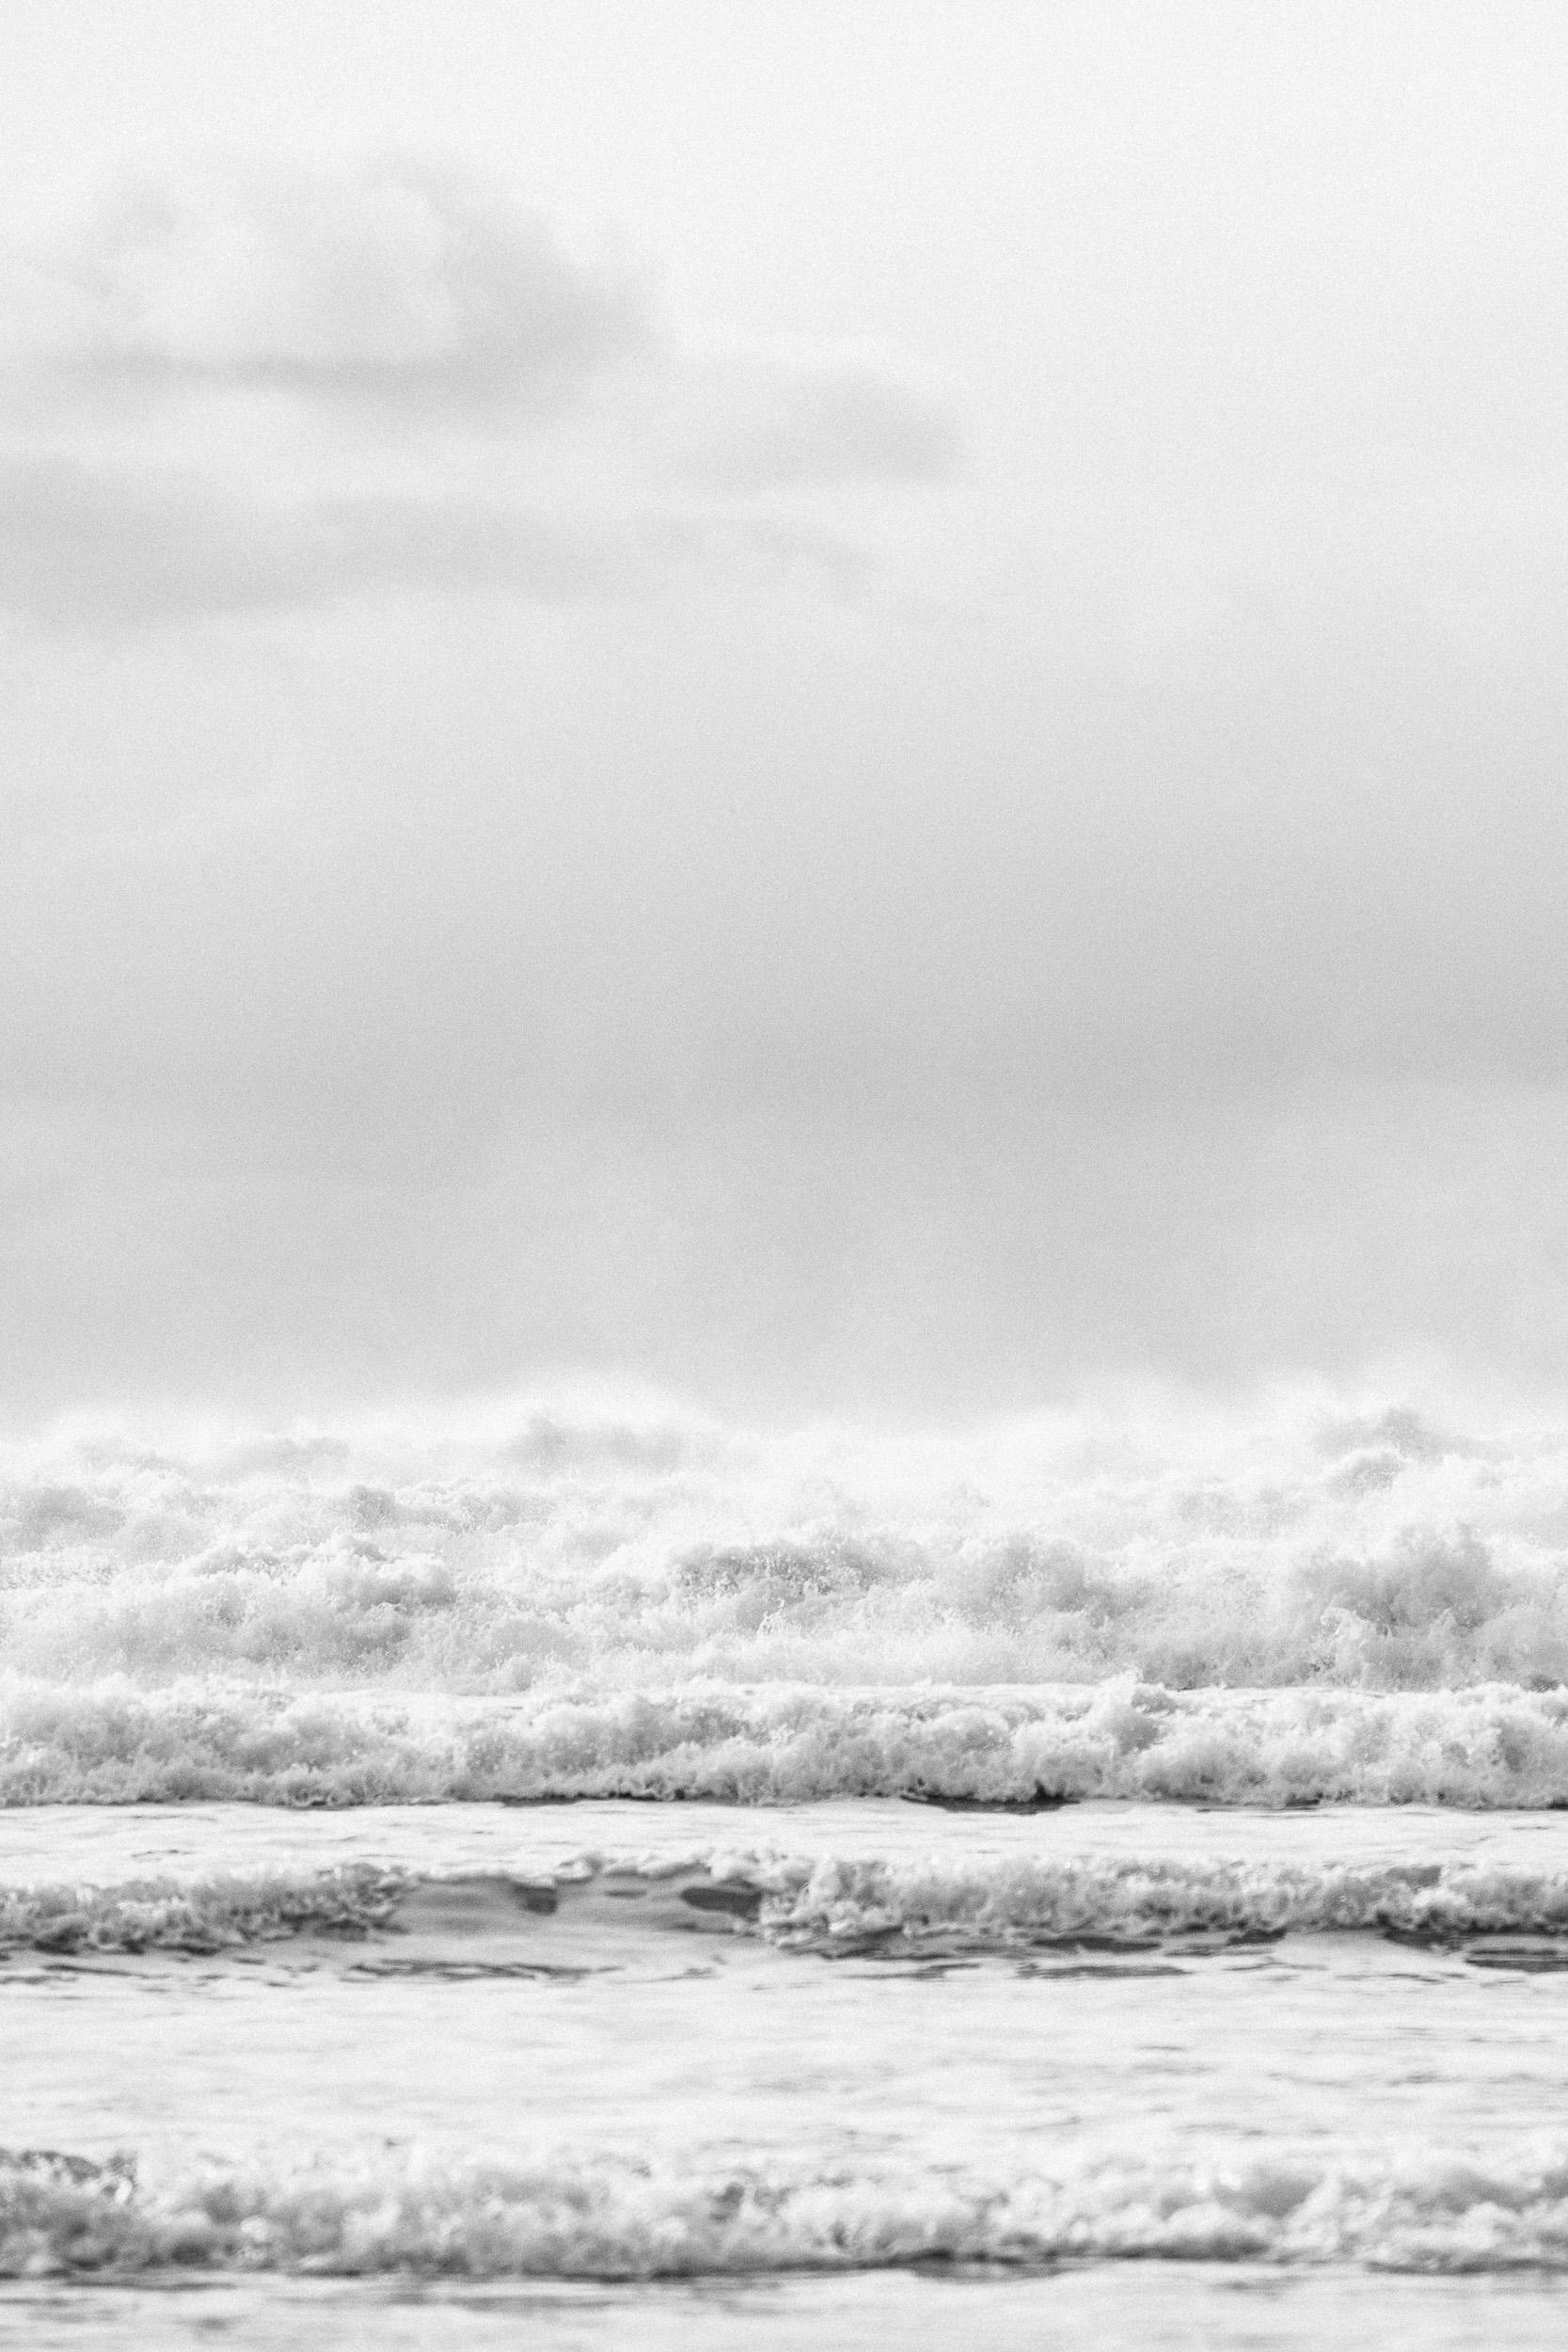 BREITLING-SURF-Finn-Beales-106.jpg